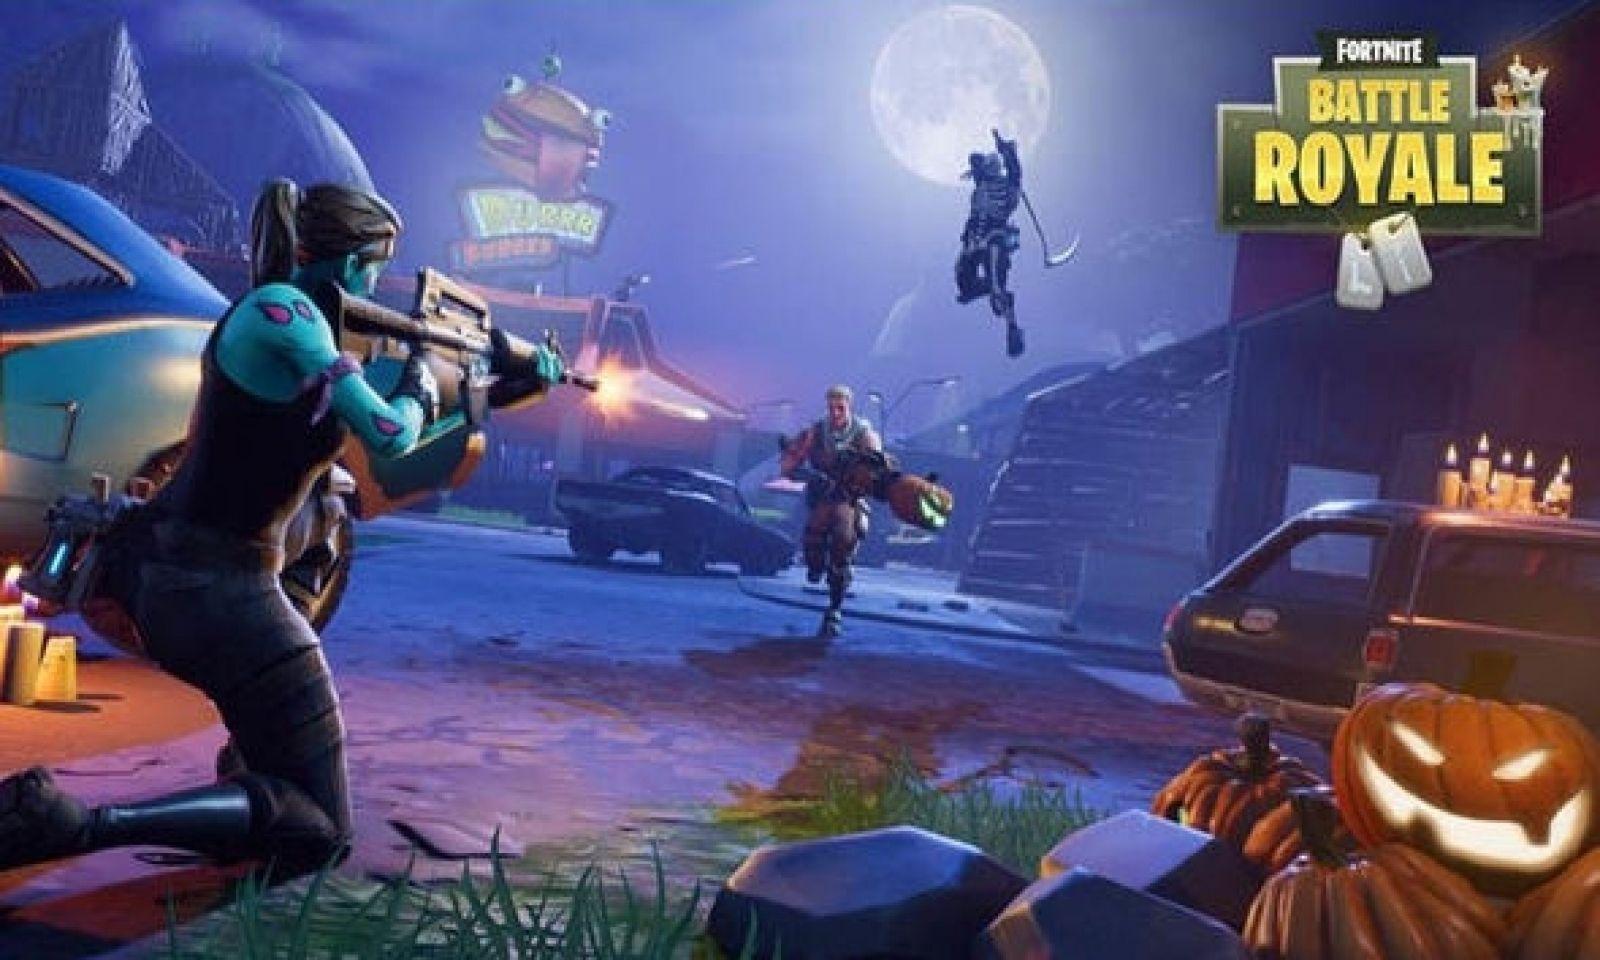 E3 2018'de Fortnite Party Royale Etkinliği düzenlenecek